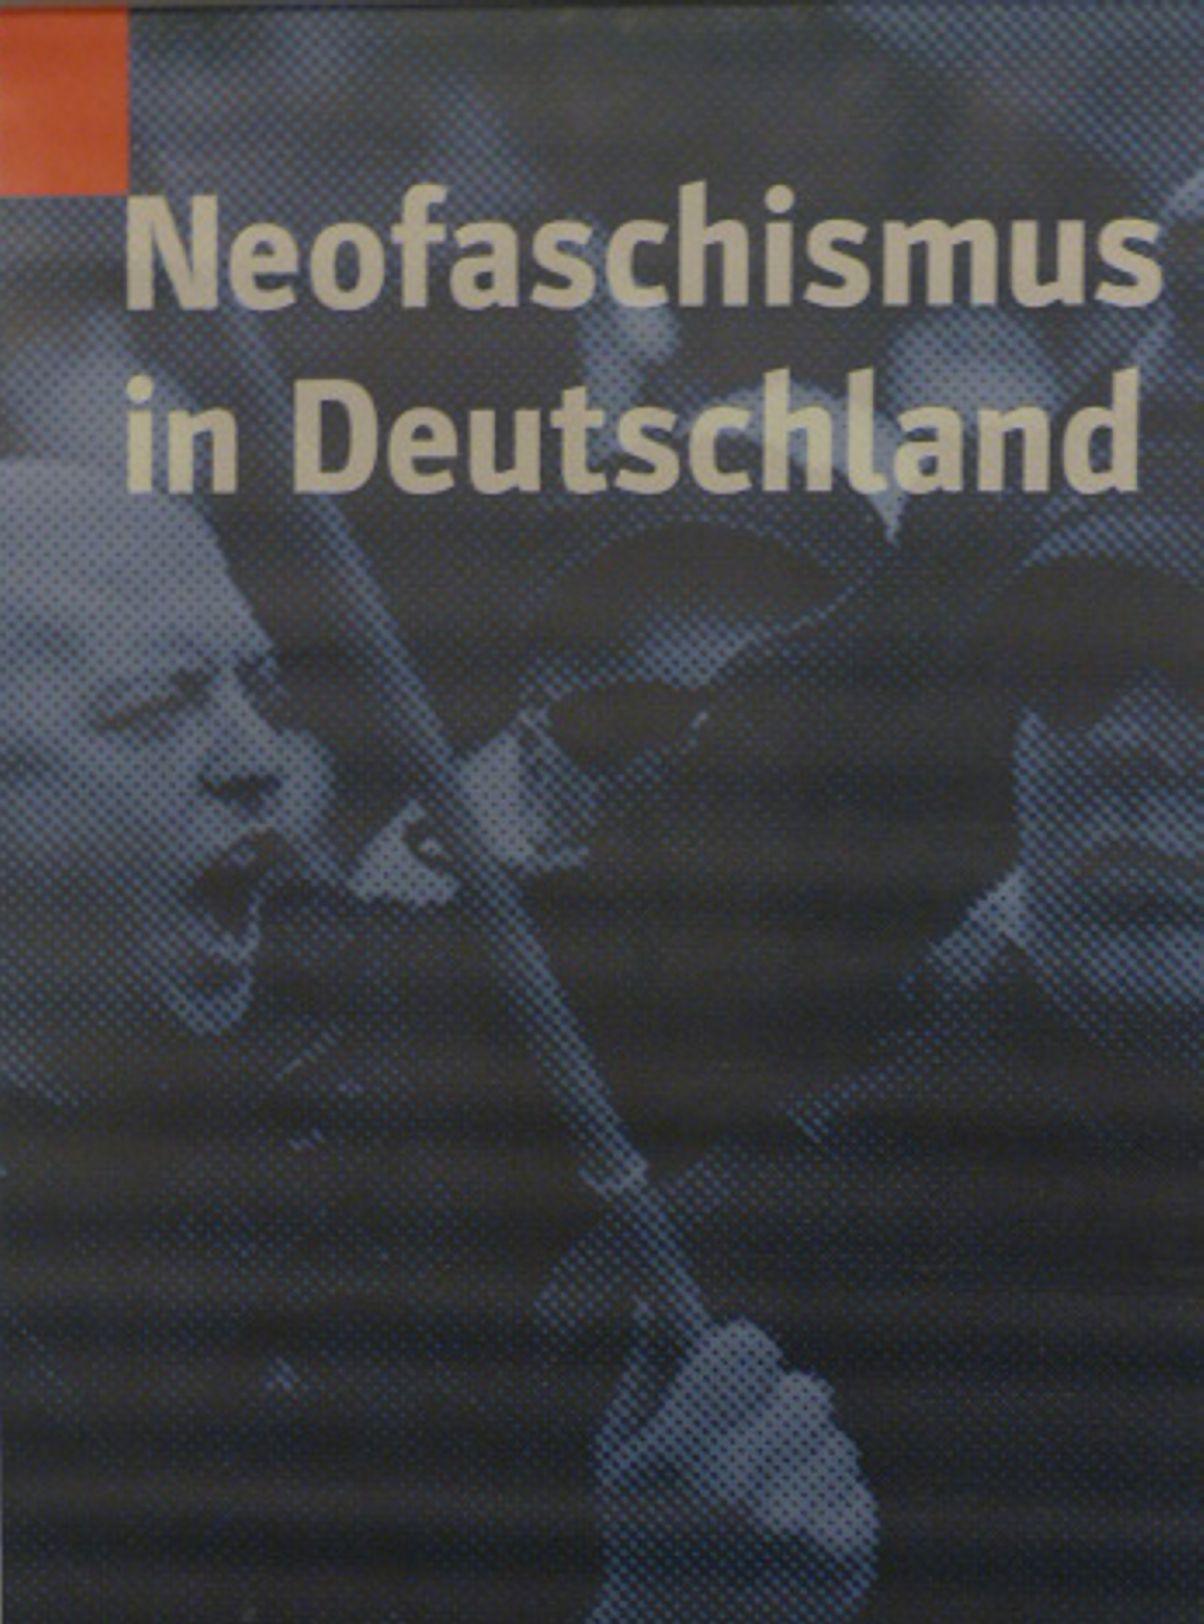 """Eröffnung der Ausstellung """"Neofaschismus in Deutschland"""""""